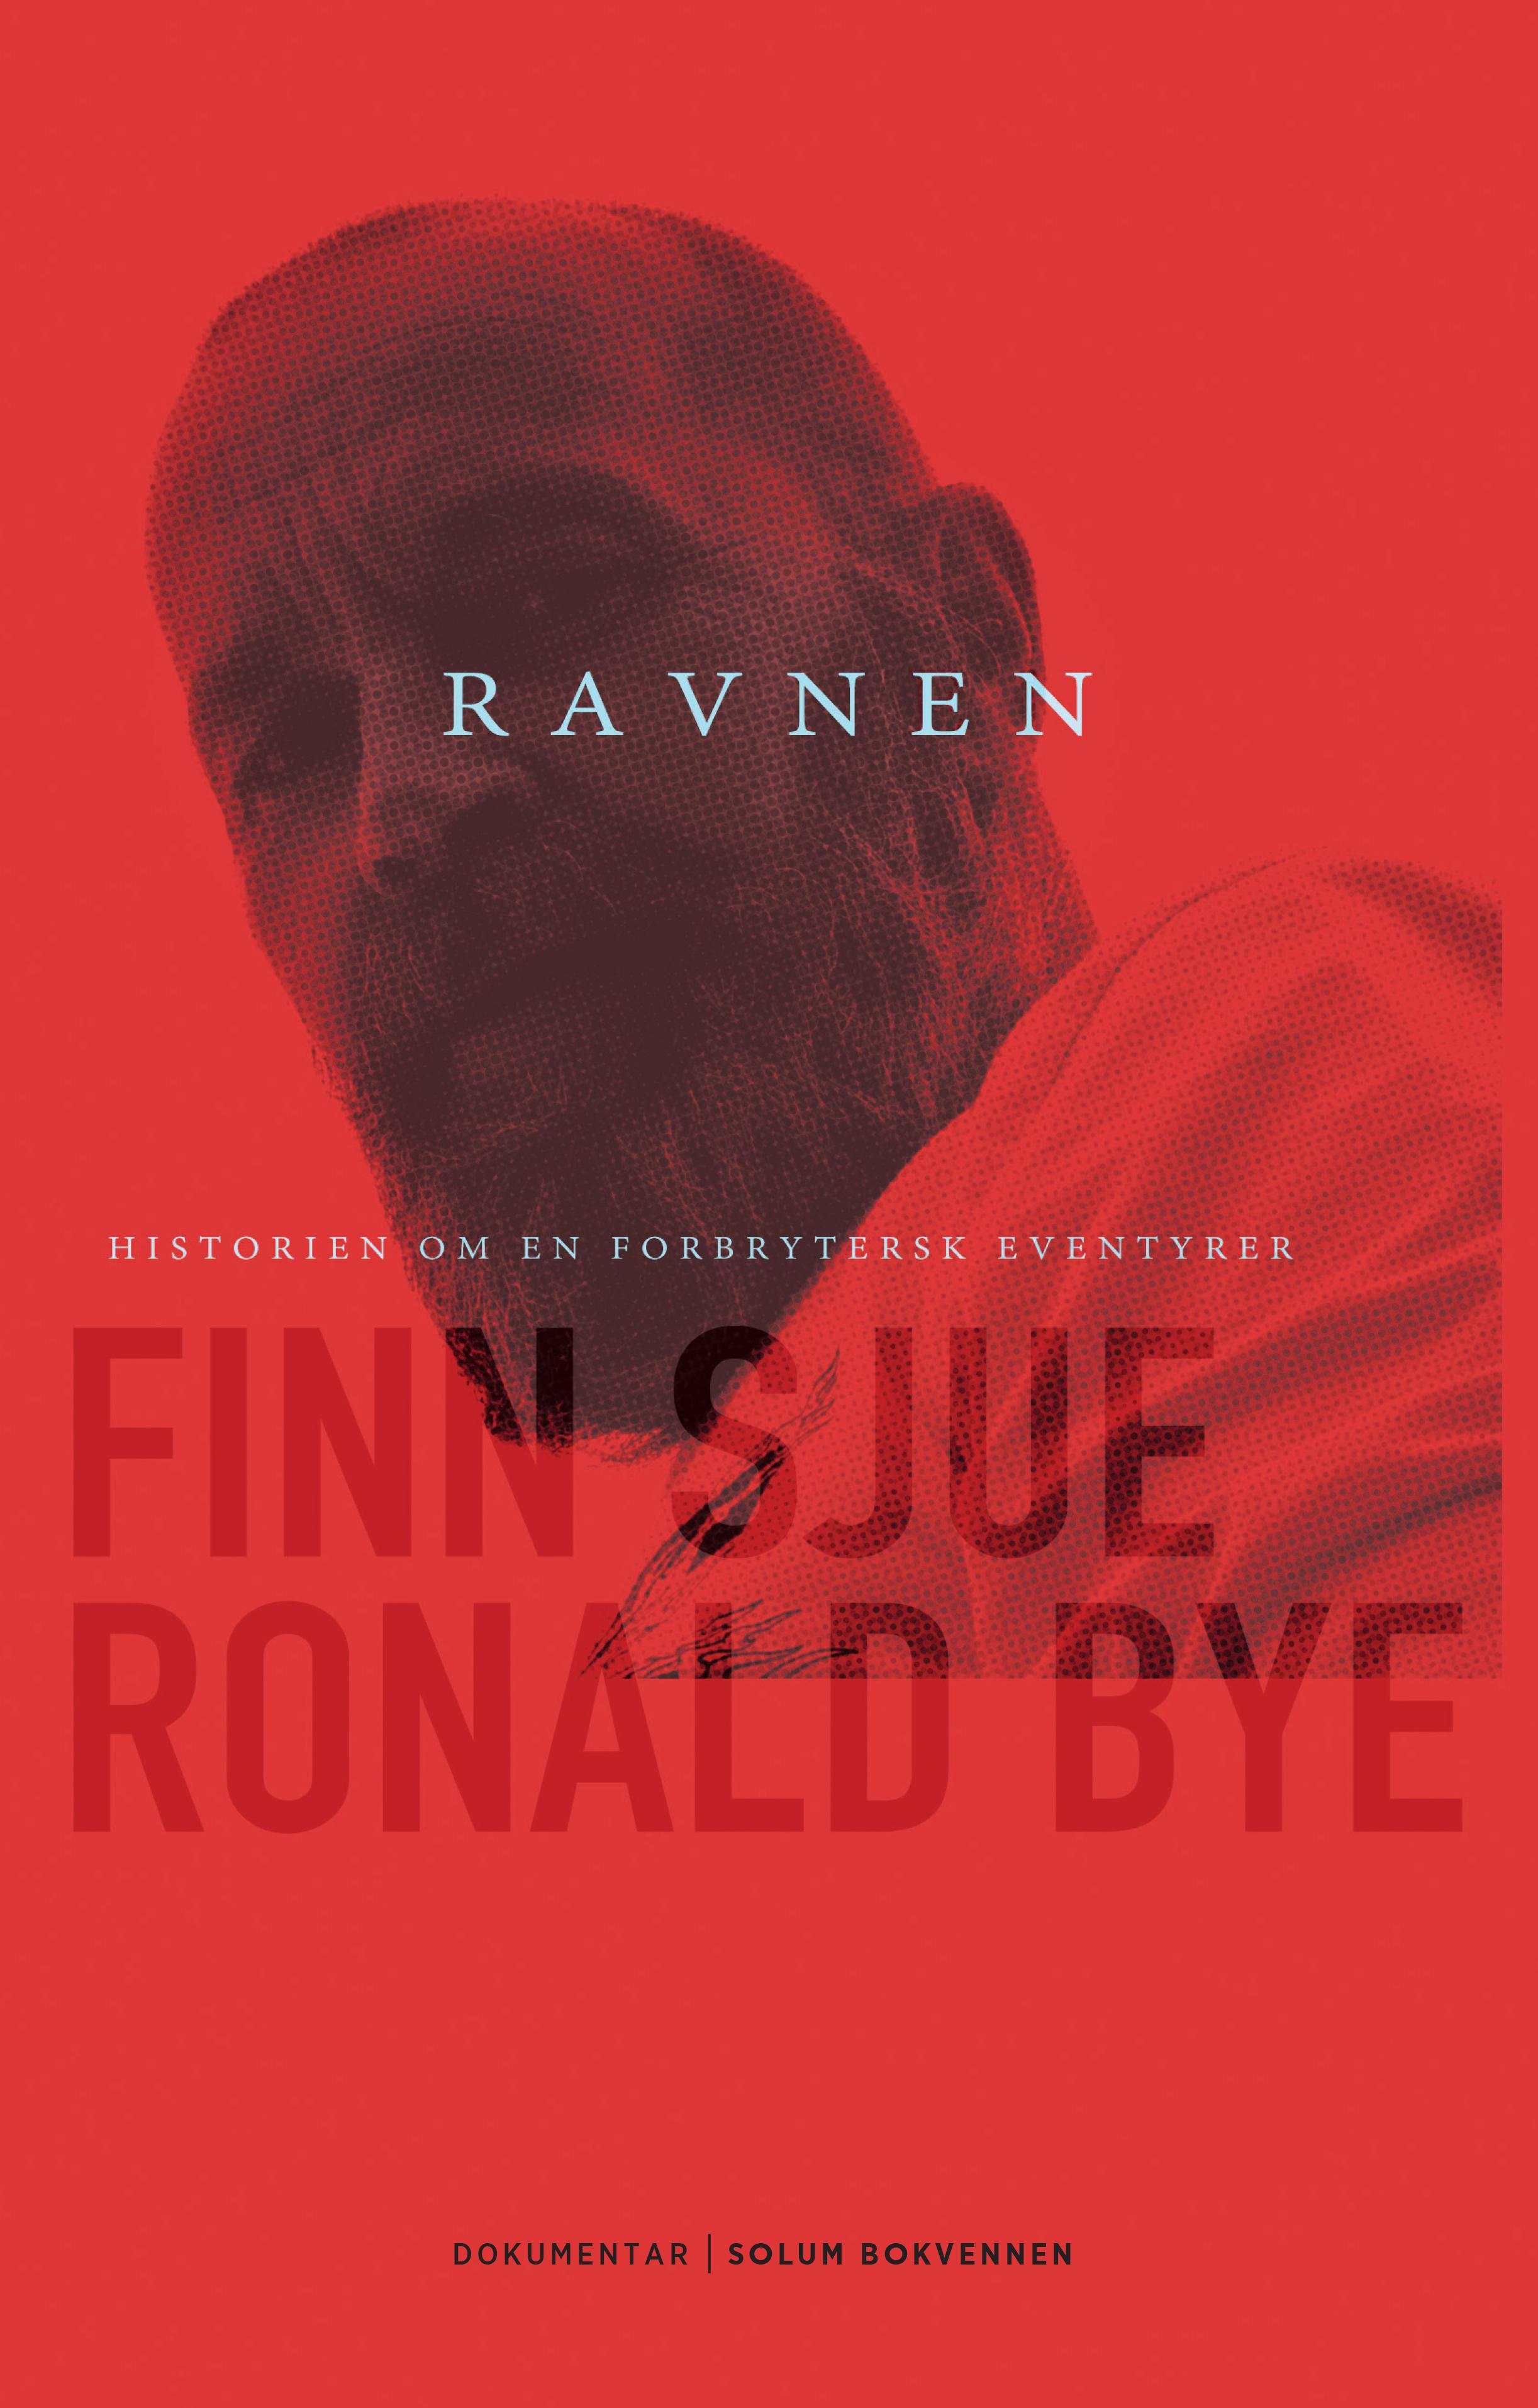 """""""Ravnen - historien om en forbrytersk eventyrer"""" av Finn Sjue"""